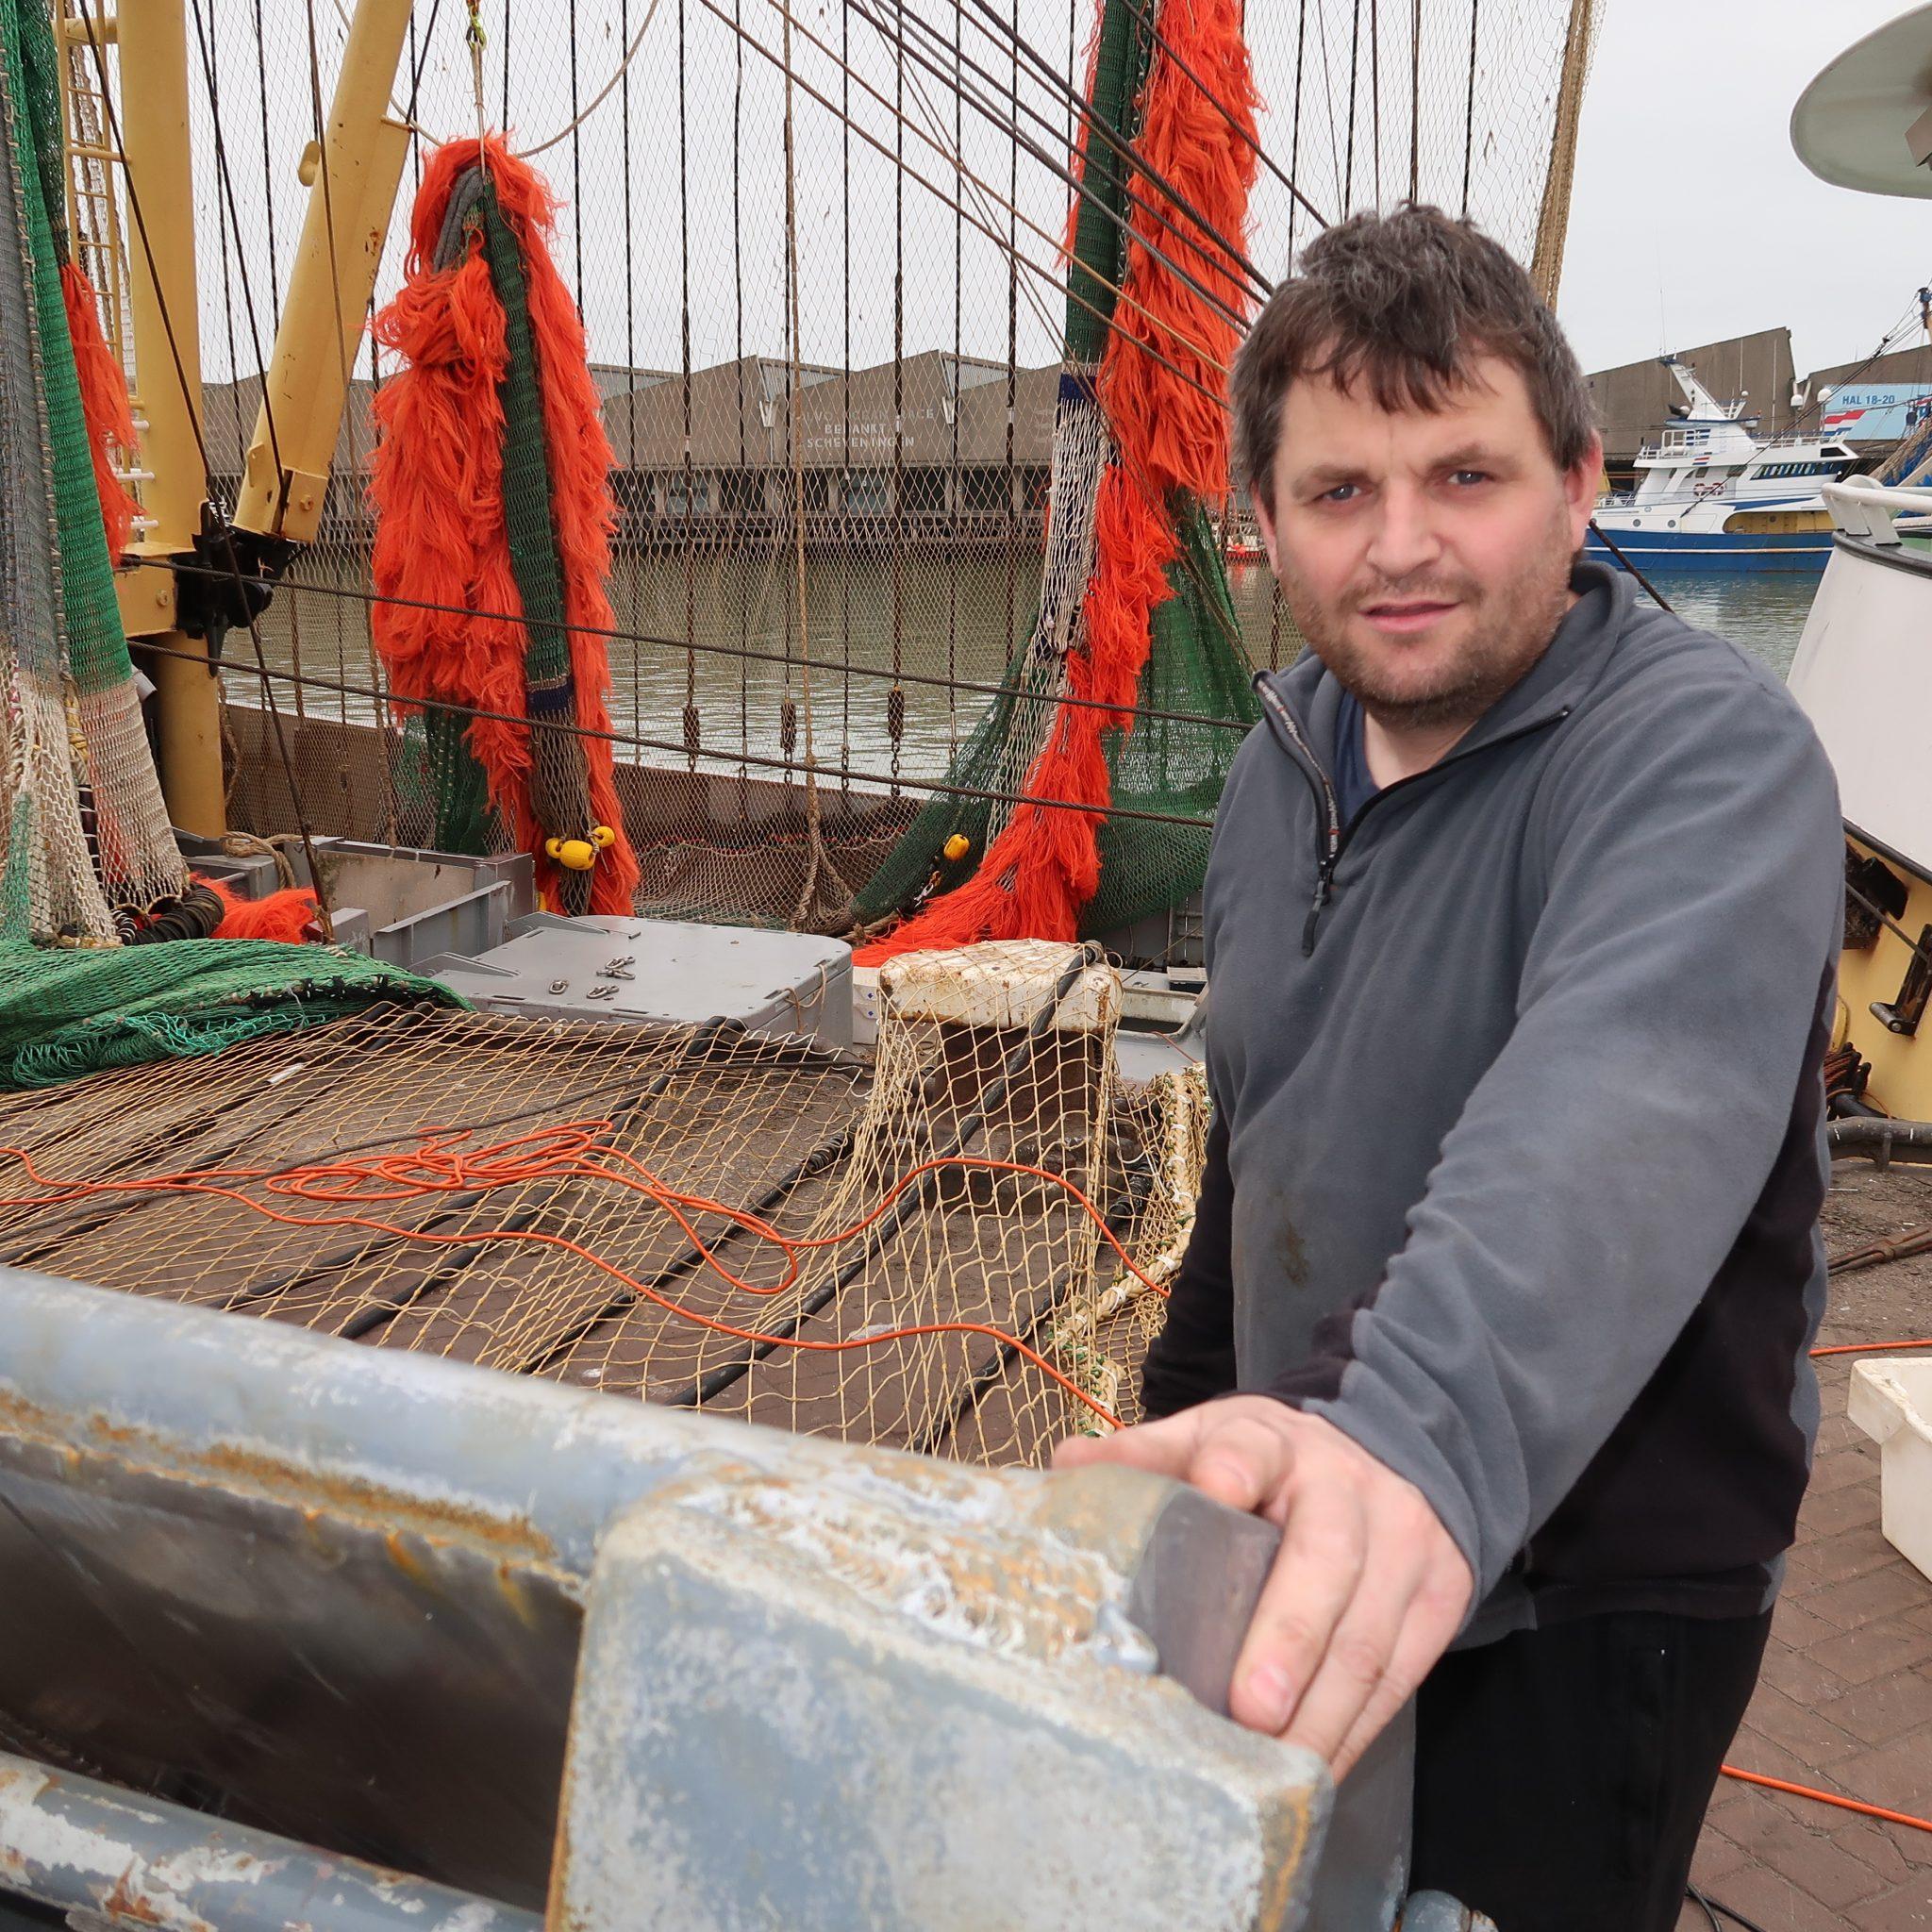 Op de foto schipper Jan van der Vis bij het monteren van de pulsmodules in het vistuig. (foto W.M. den Heijer)